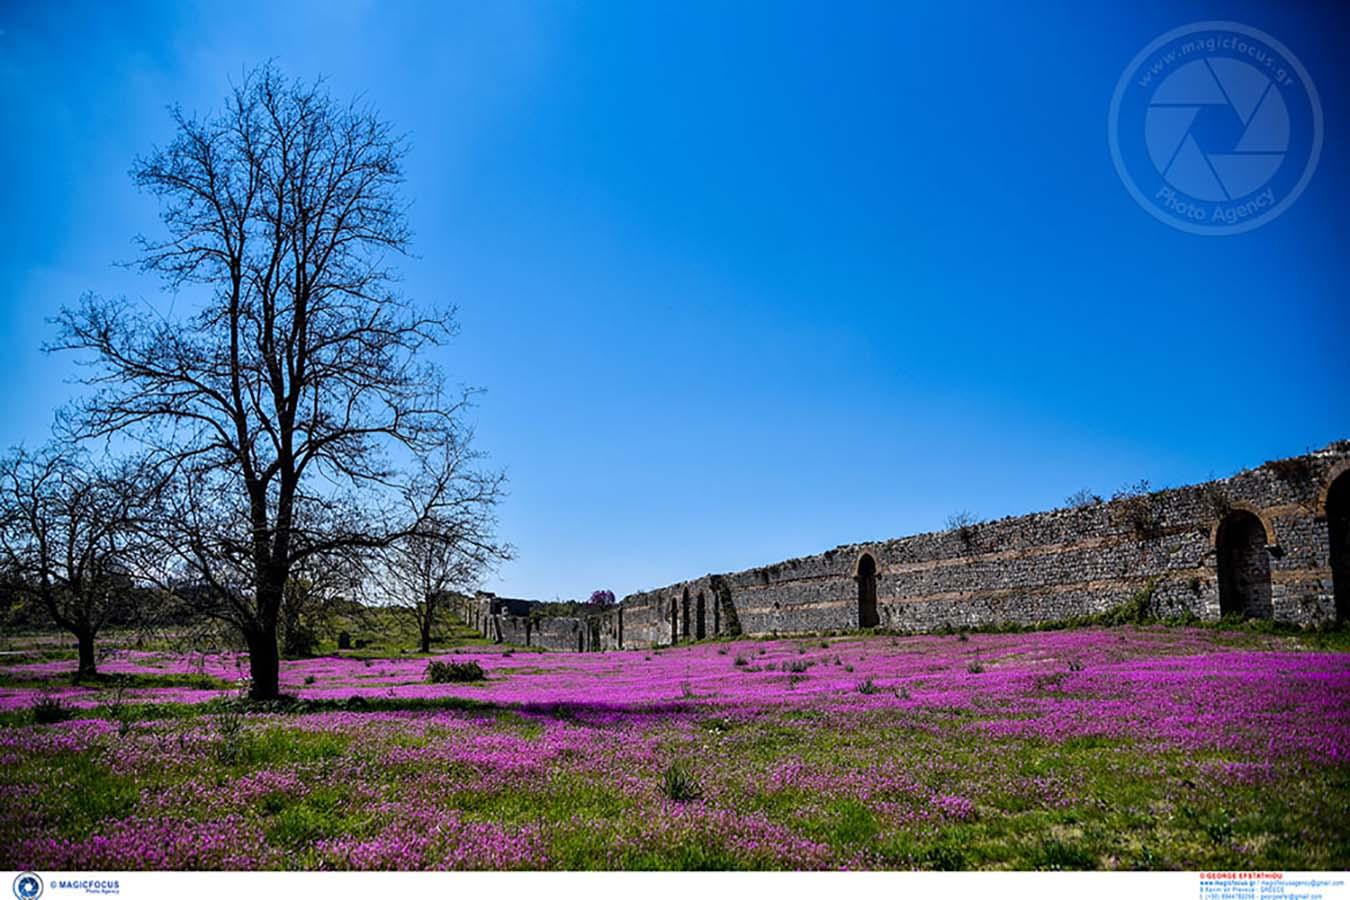 Πρέβεζα: Η Άνοιξη αγκαλιάζει τα τείχη της Αρχαίας Νικόπολης (φωτο)   Karvasaras - Ειδήσεις από την Δυτική Ελλάδα και όλο τον κόσμο